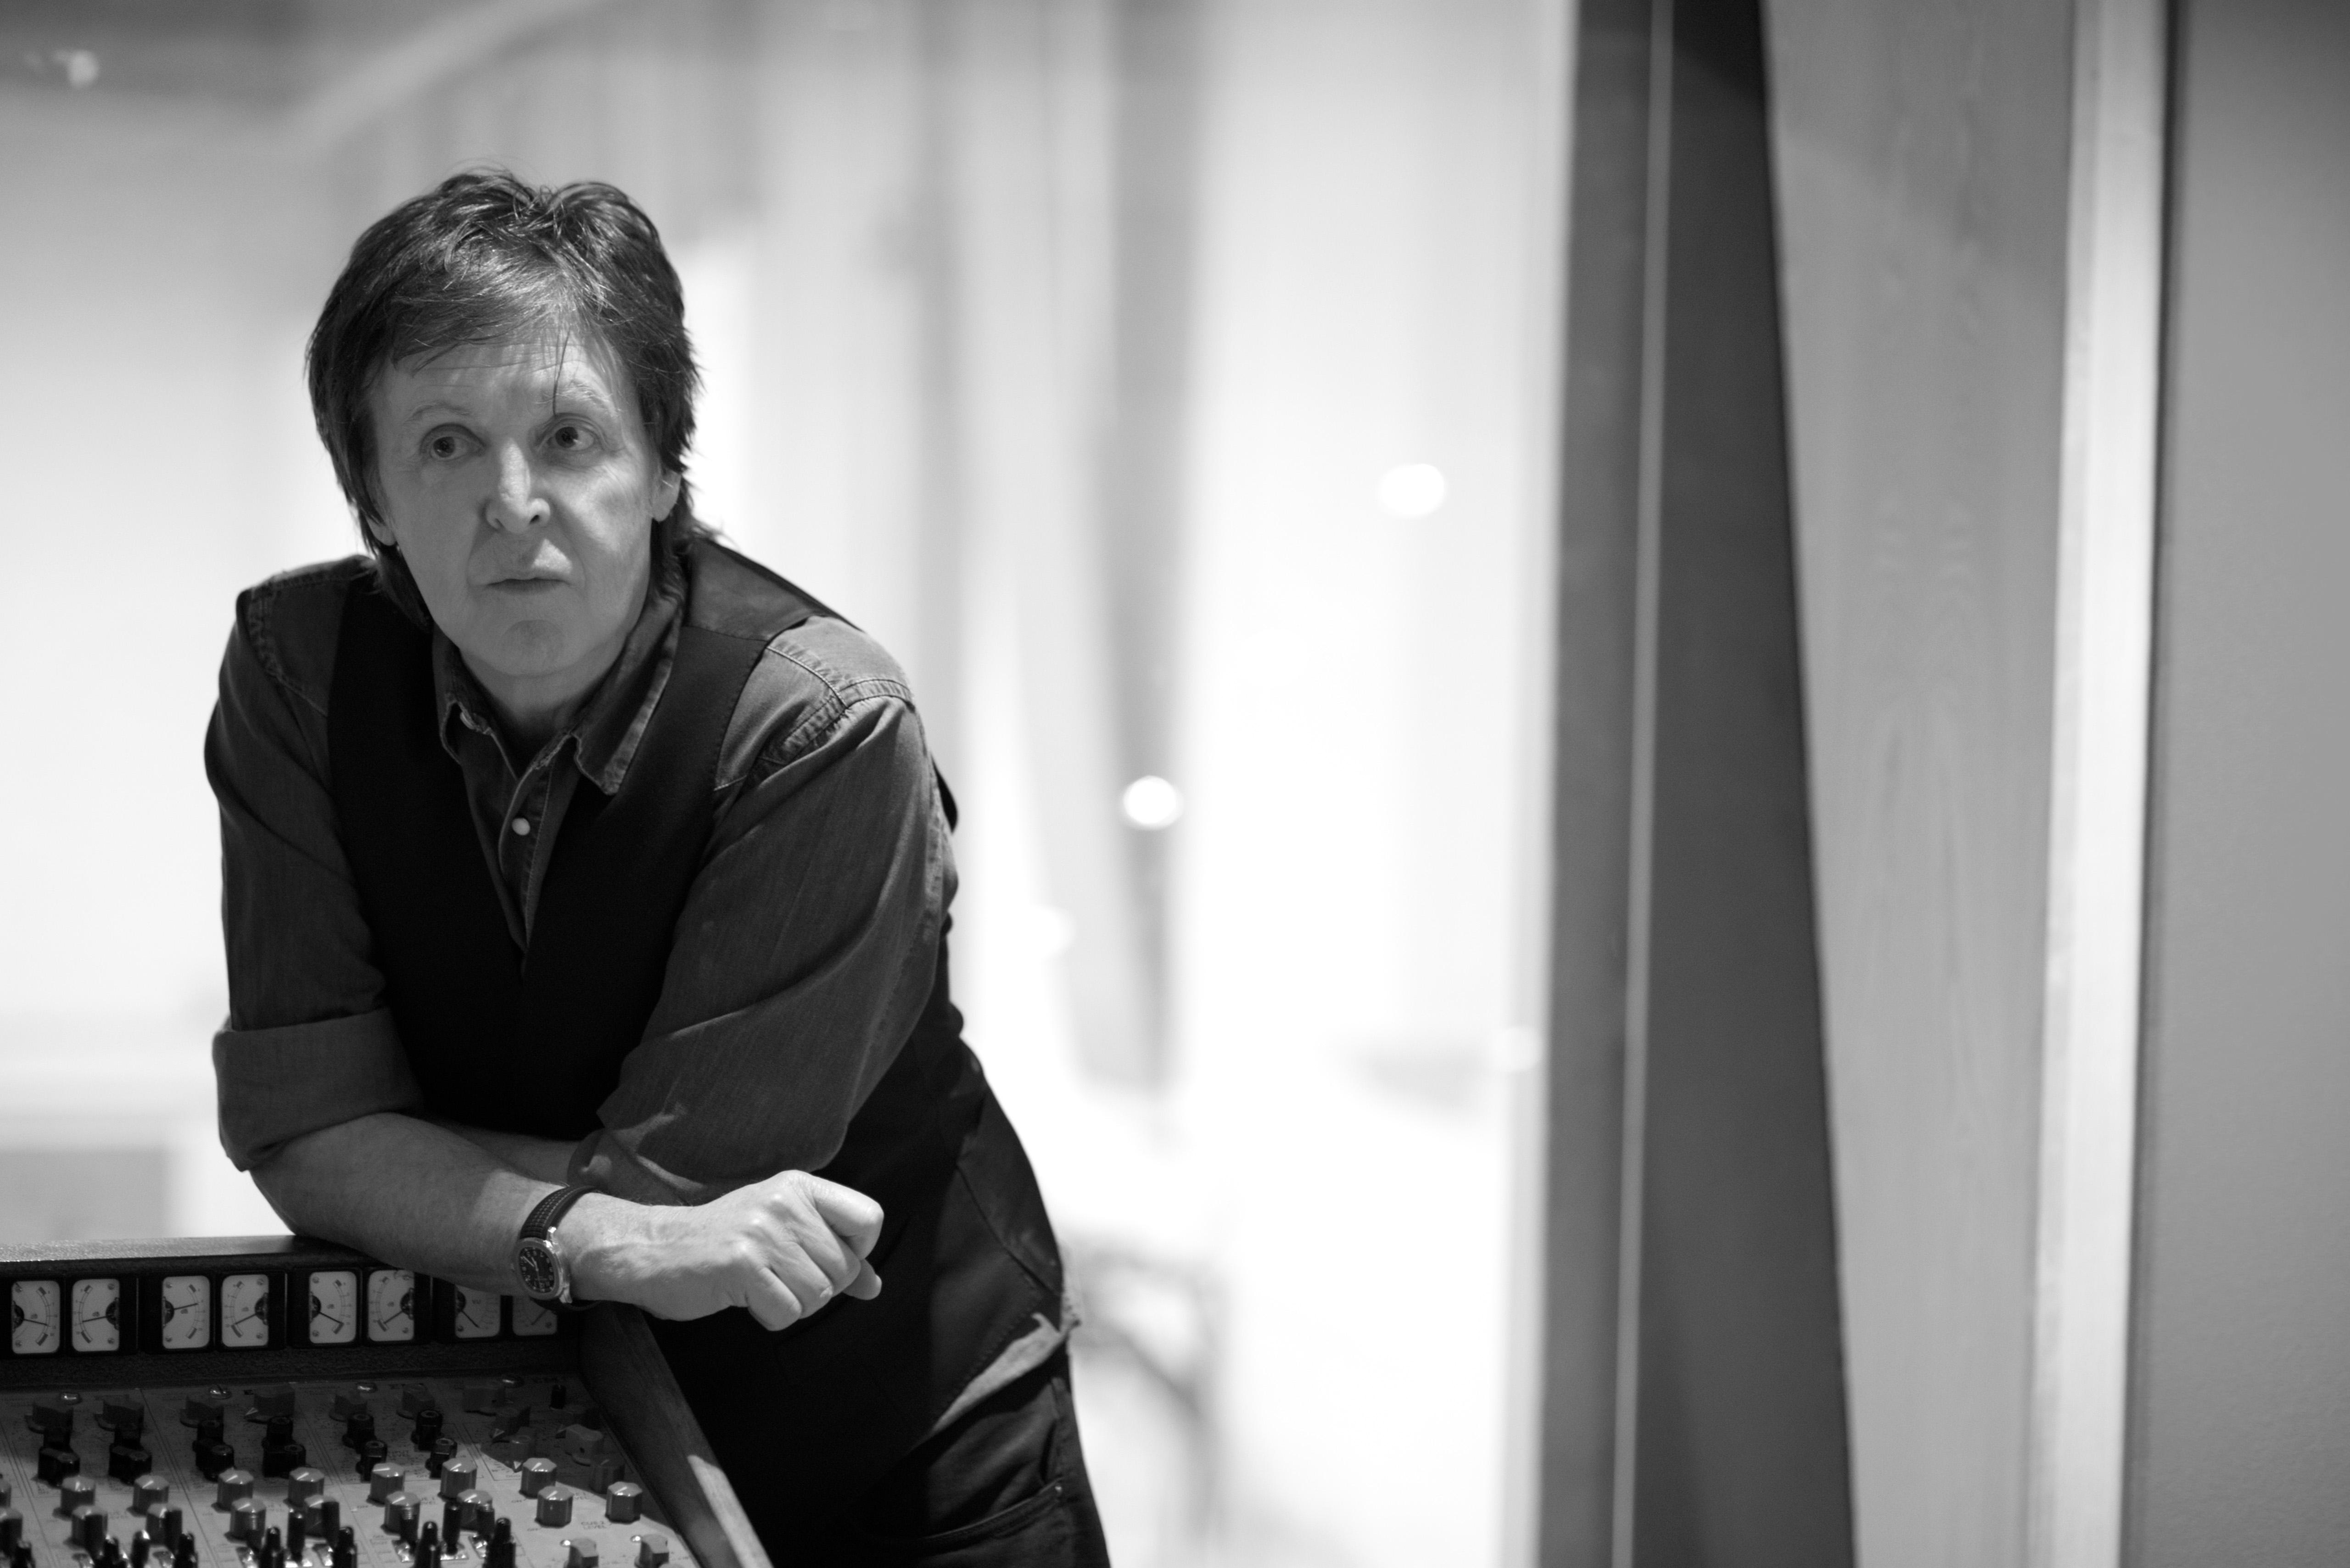 Paul McCartney: Ein Weihnachtsalbum - aber nur für die Familie